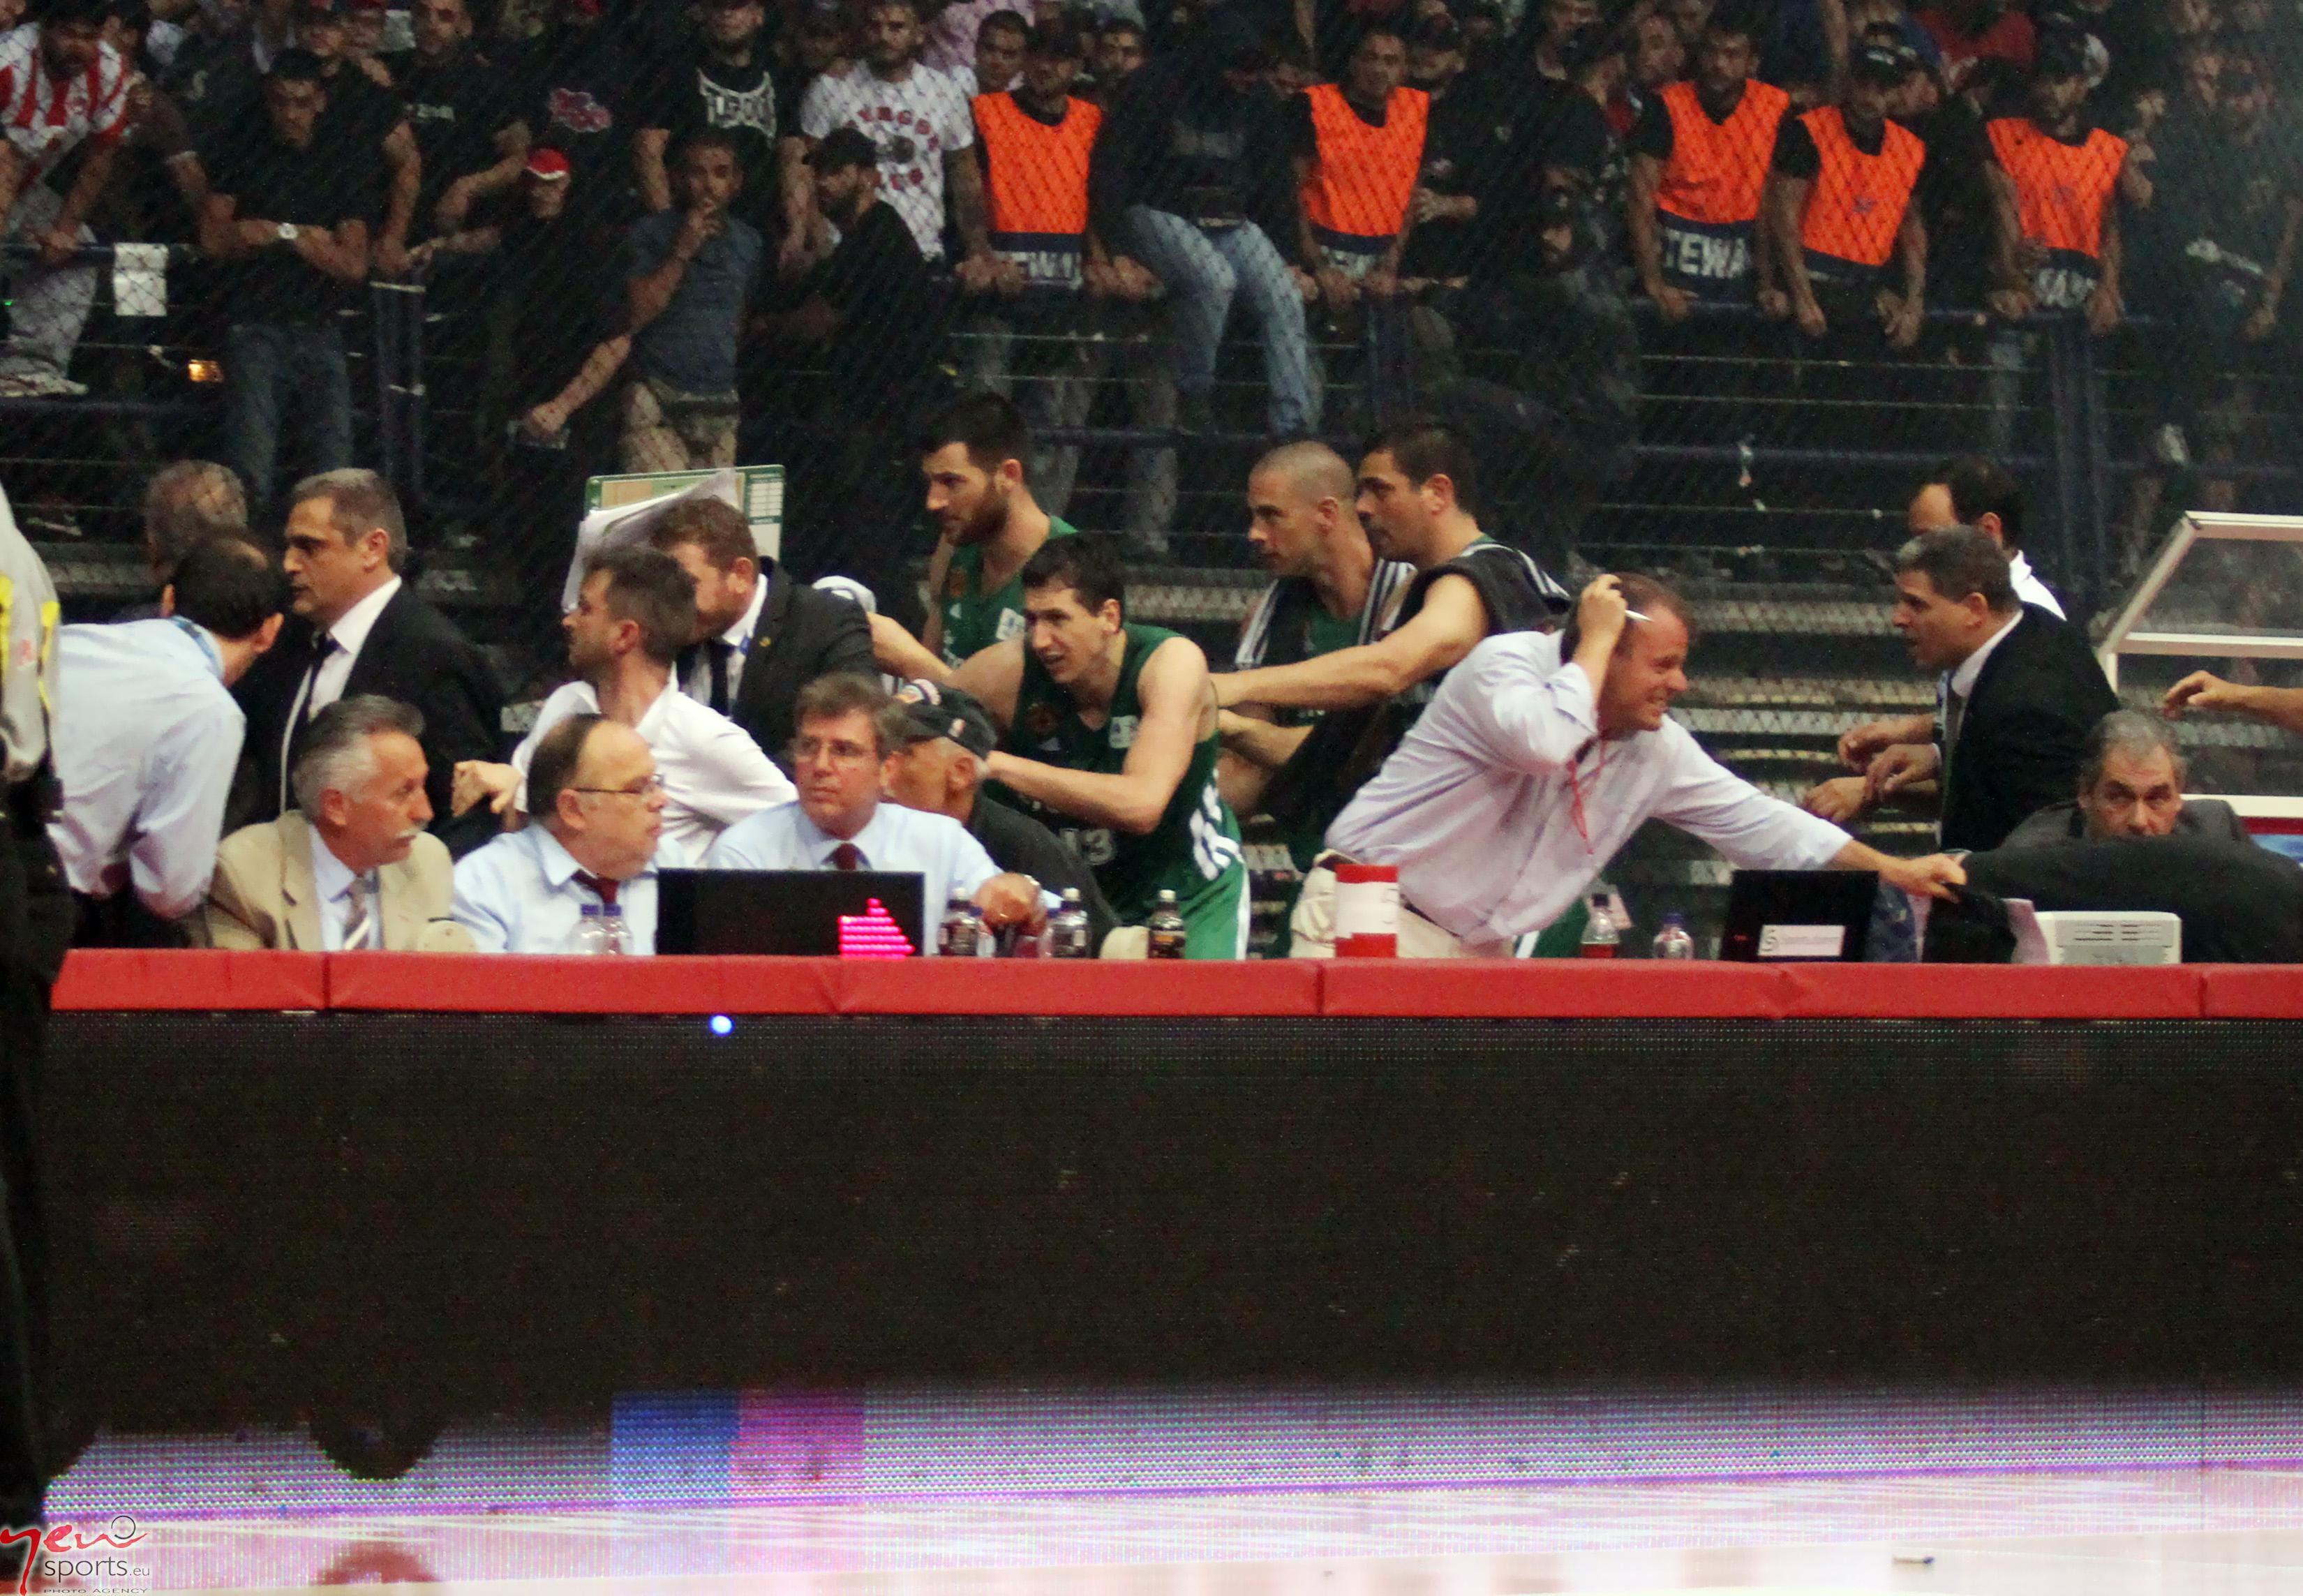 παο μπασκετ Image: Γης μαδιάμ το ΣΕΦ: εικόνες ντροπής στον 3ο τελικό της Α1